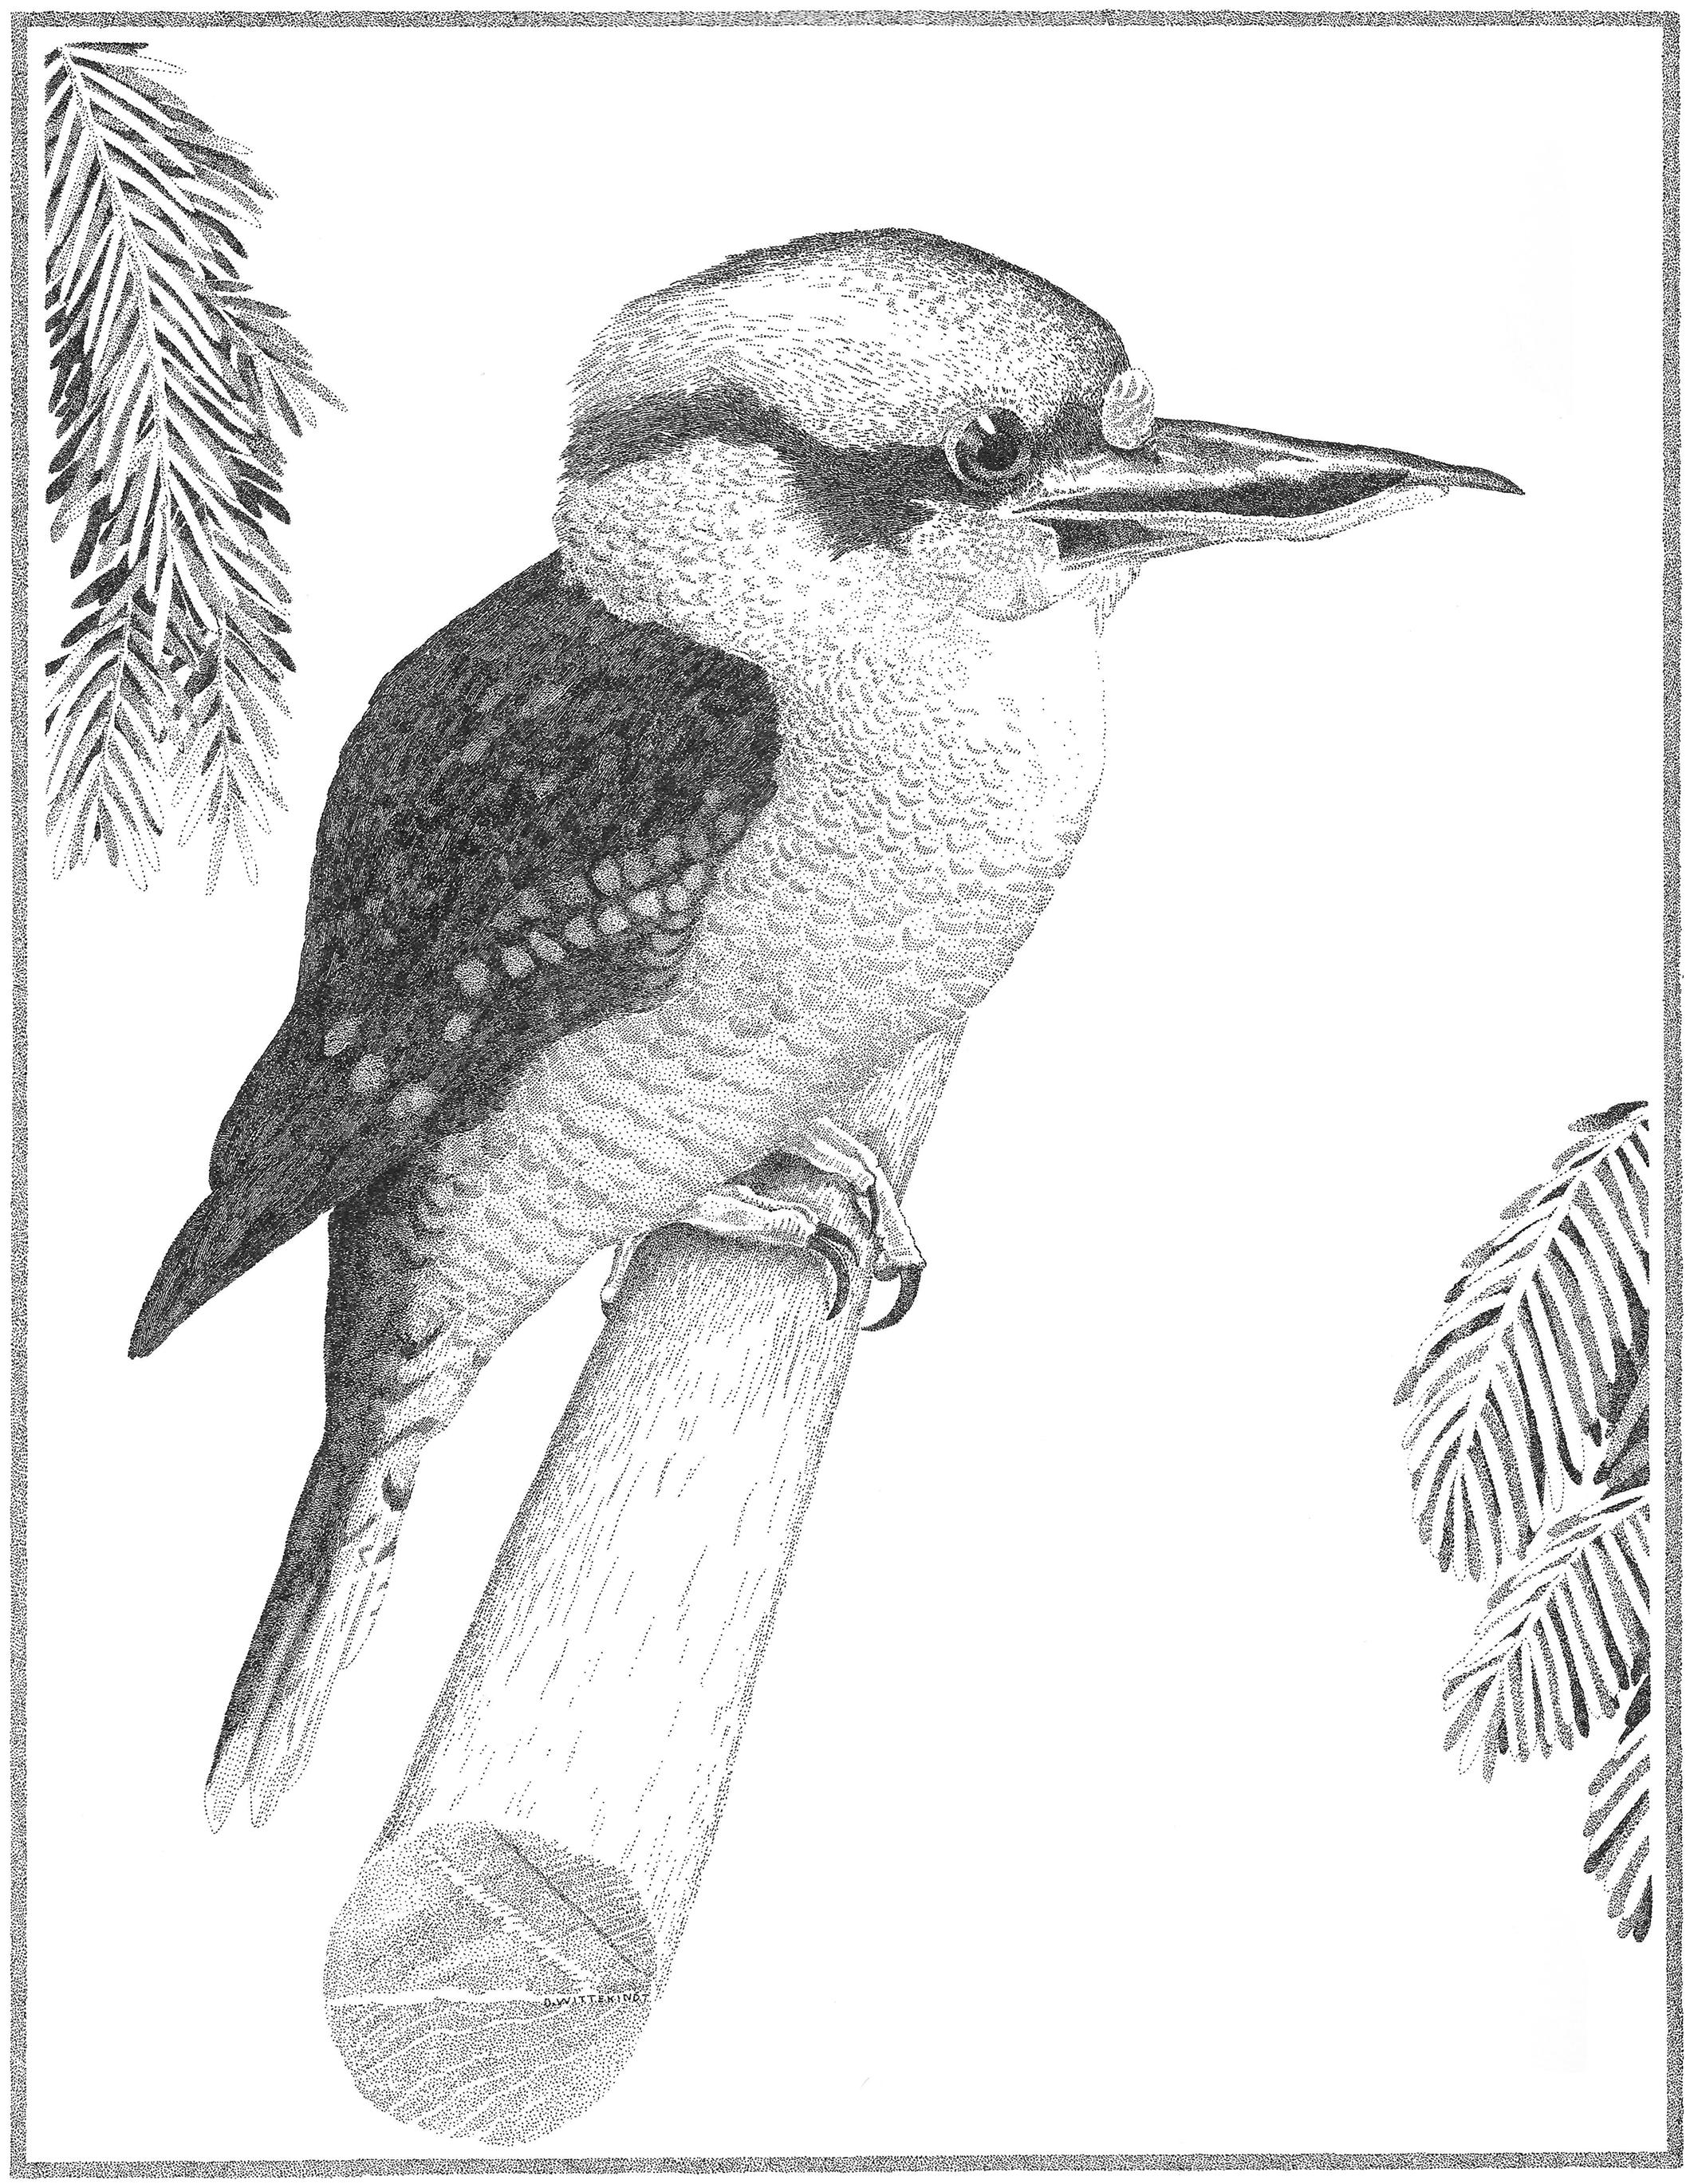 Orbit the Kookaburra